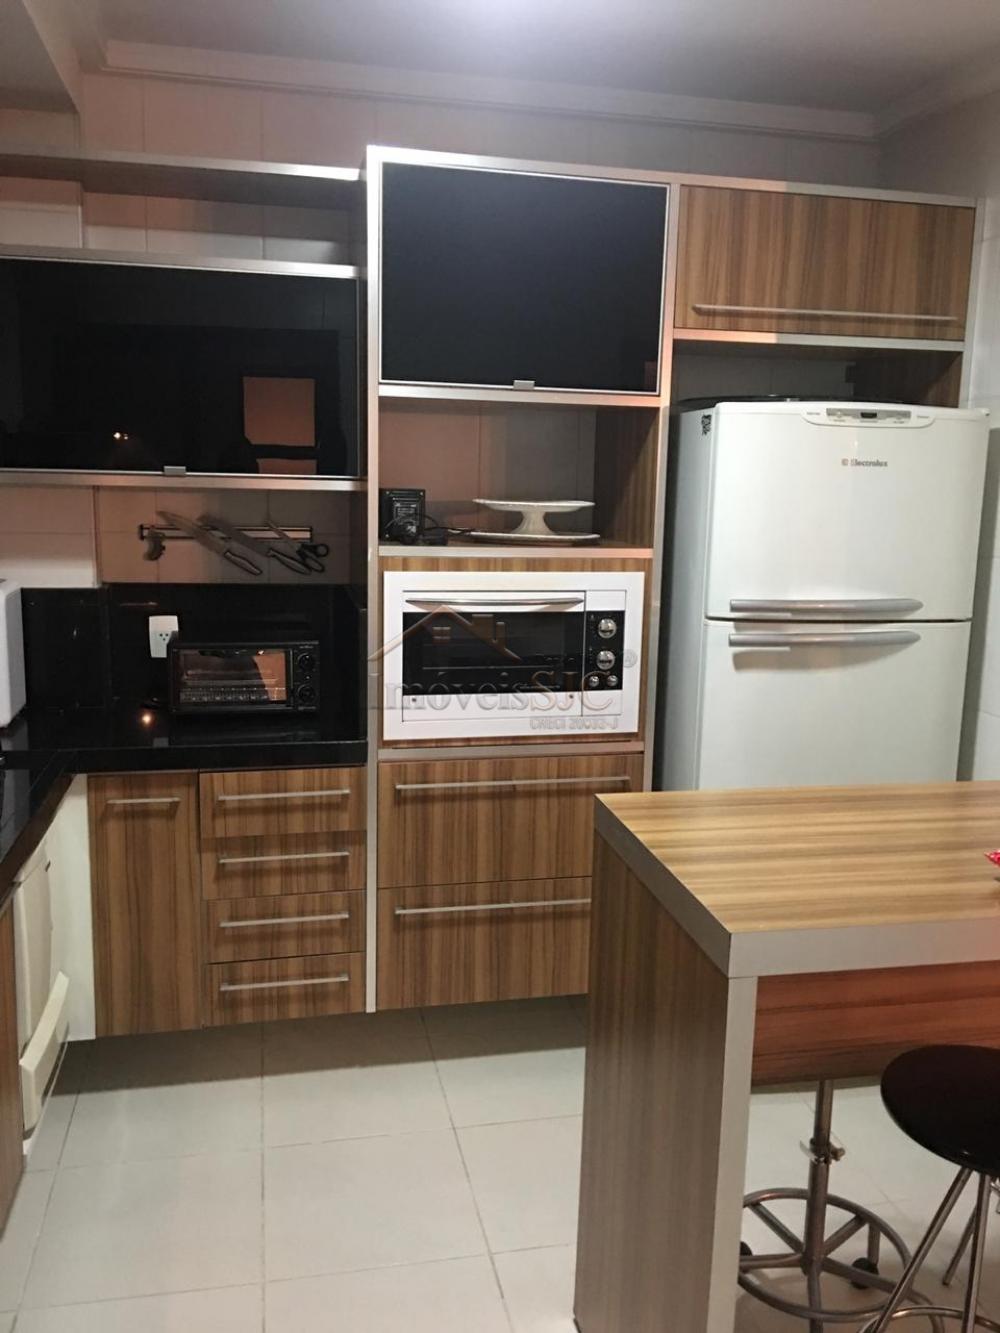 Comprar Apartamentos / Padrão em São José dos Campos apenas R$ 750.000,00 - Foto 21